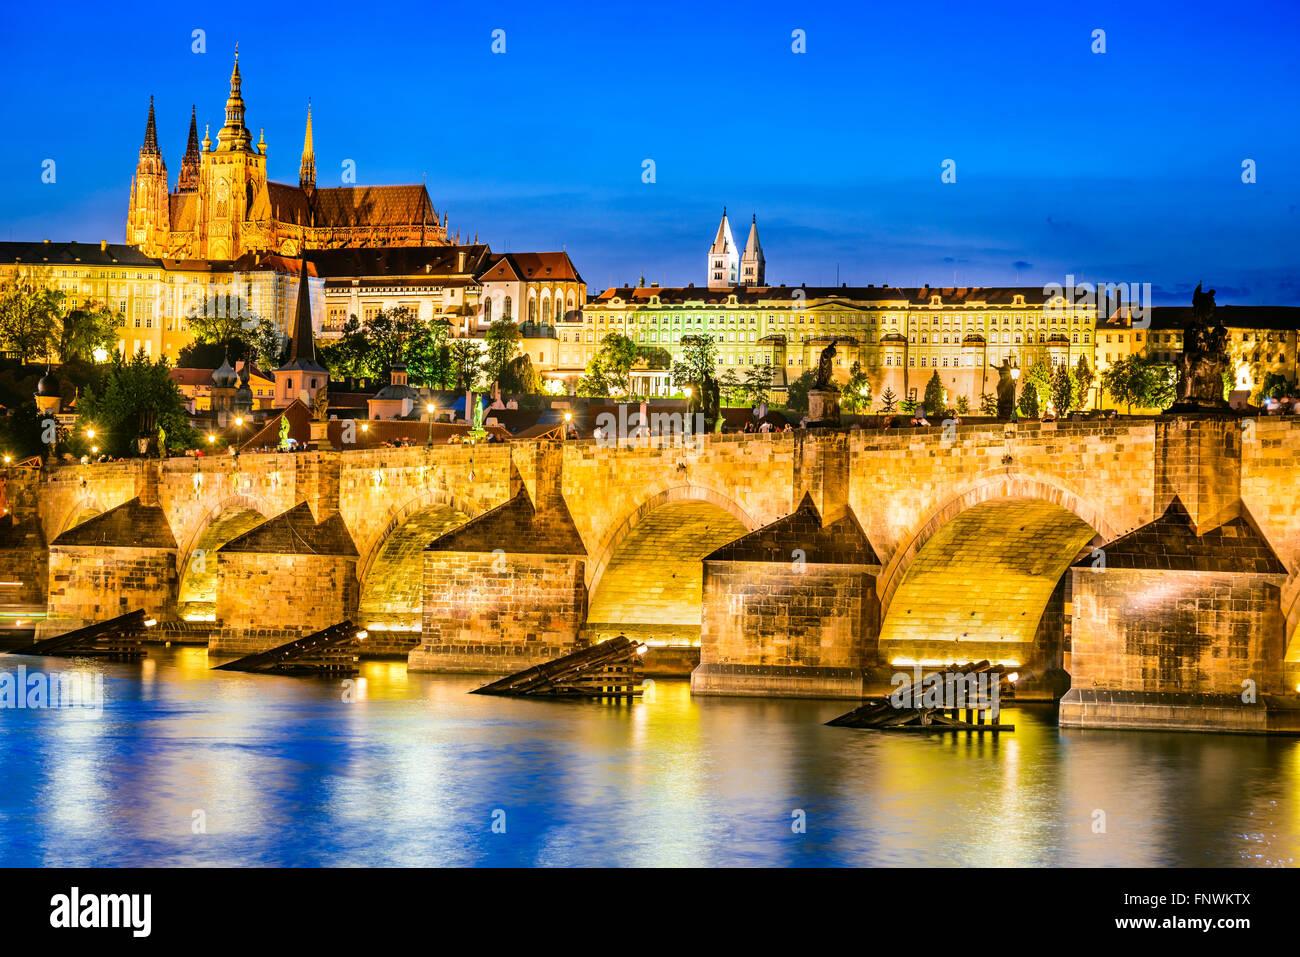 Praga, República Checa. Charles Bridge y Hradcany (Castillo de Praga) con la Catedral de San Vito y San Jorge iglesia Foto de stock